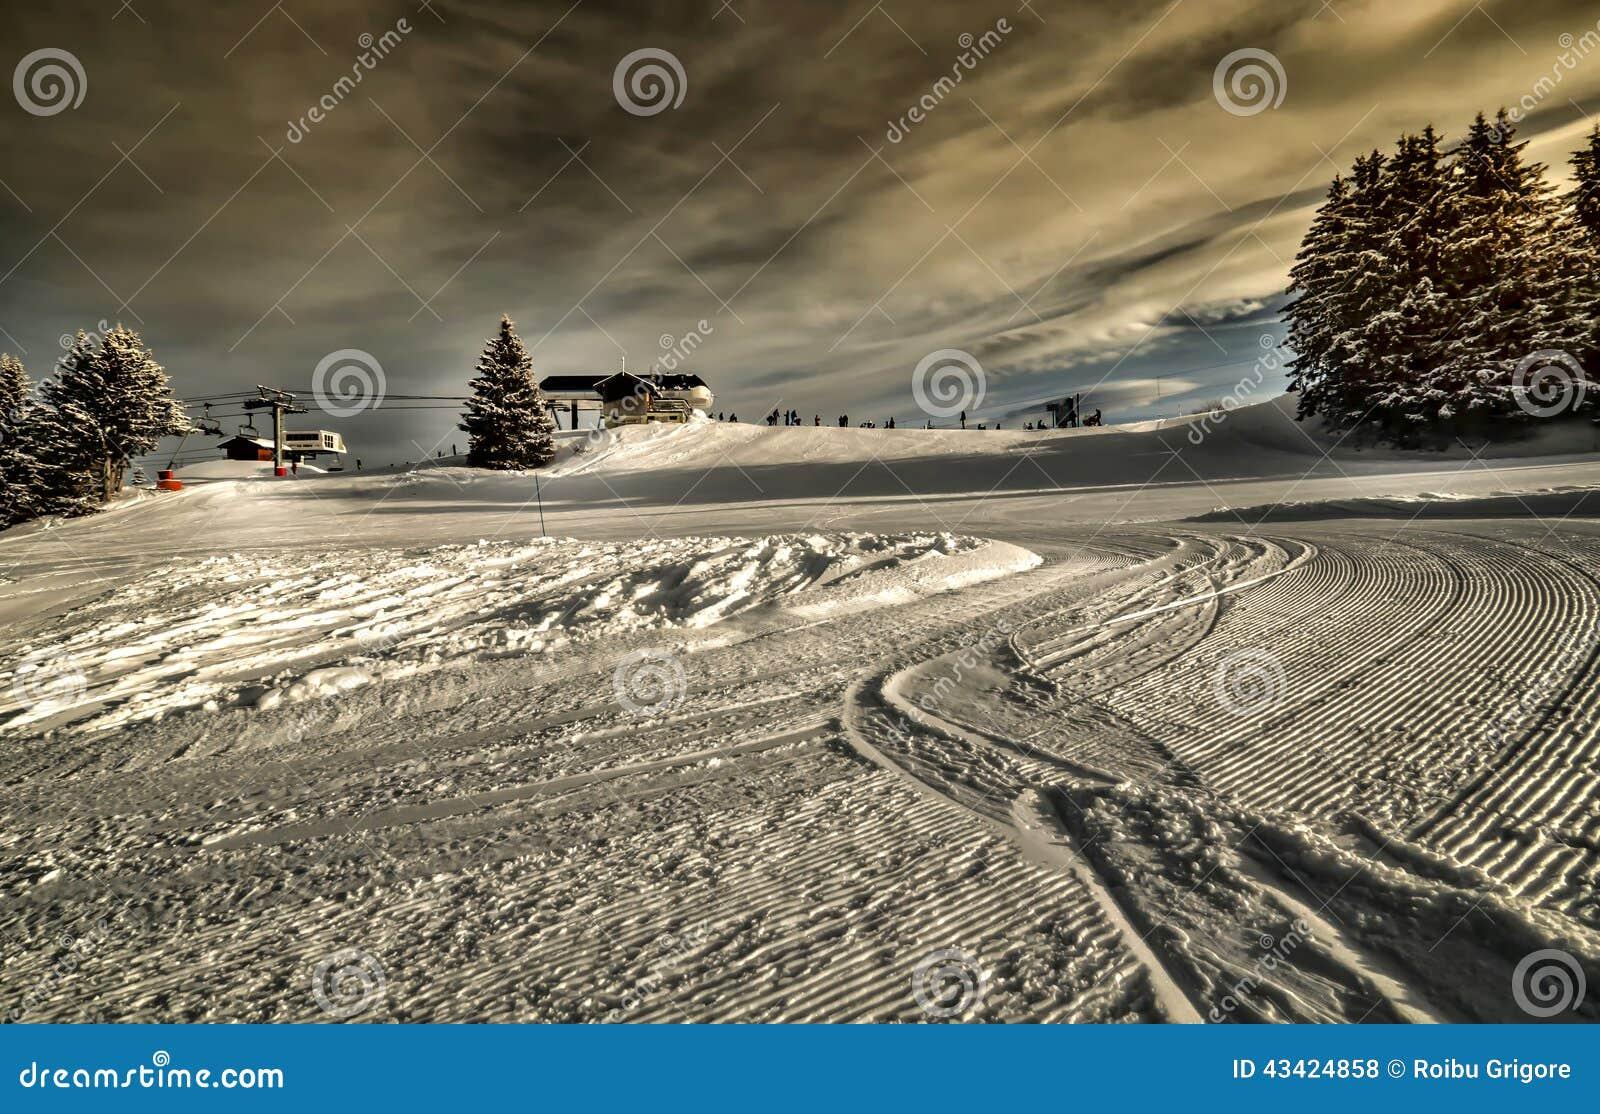 Estación de esquí en las montan@as